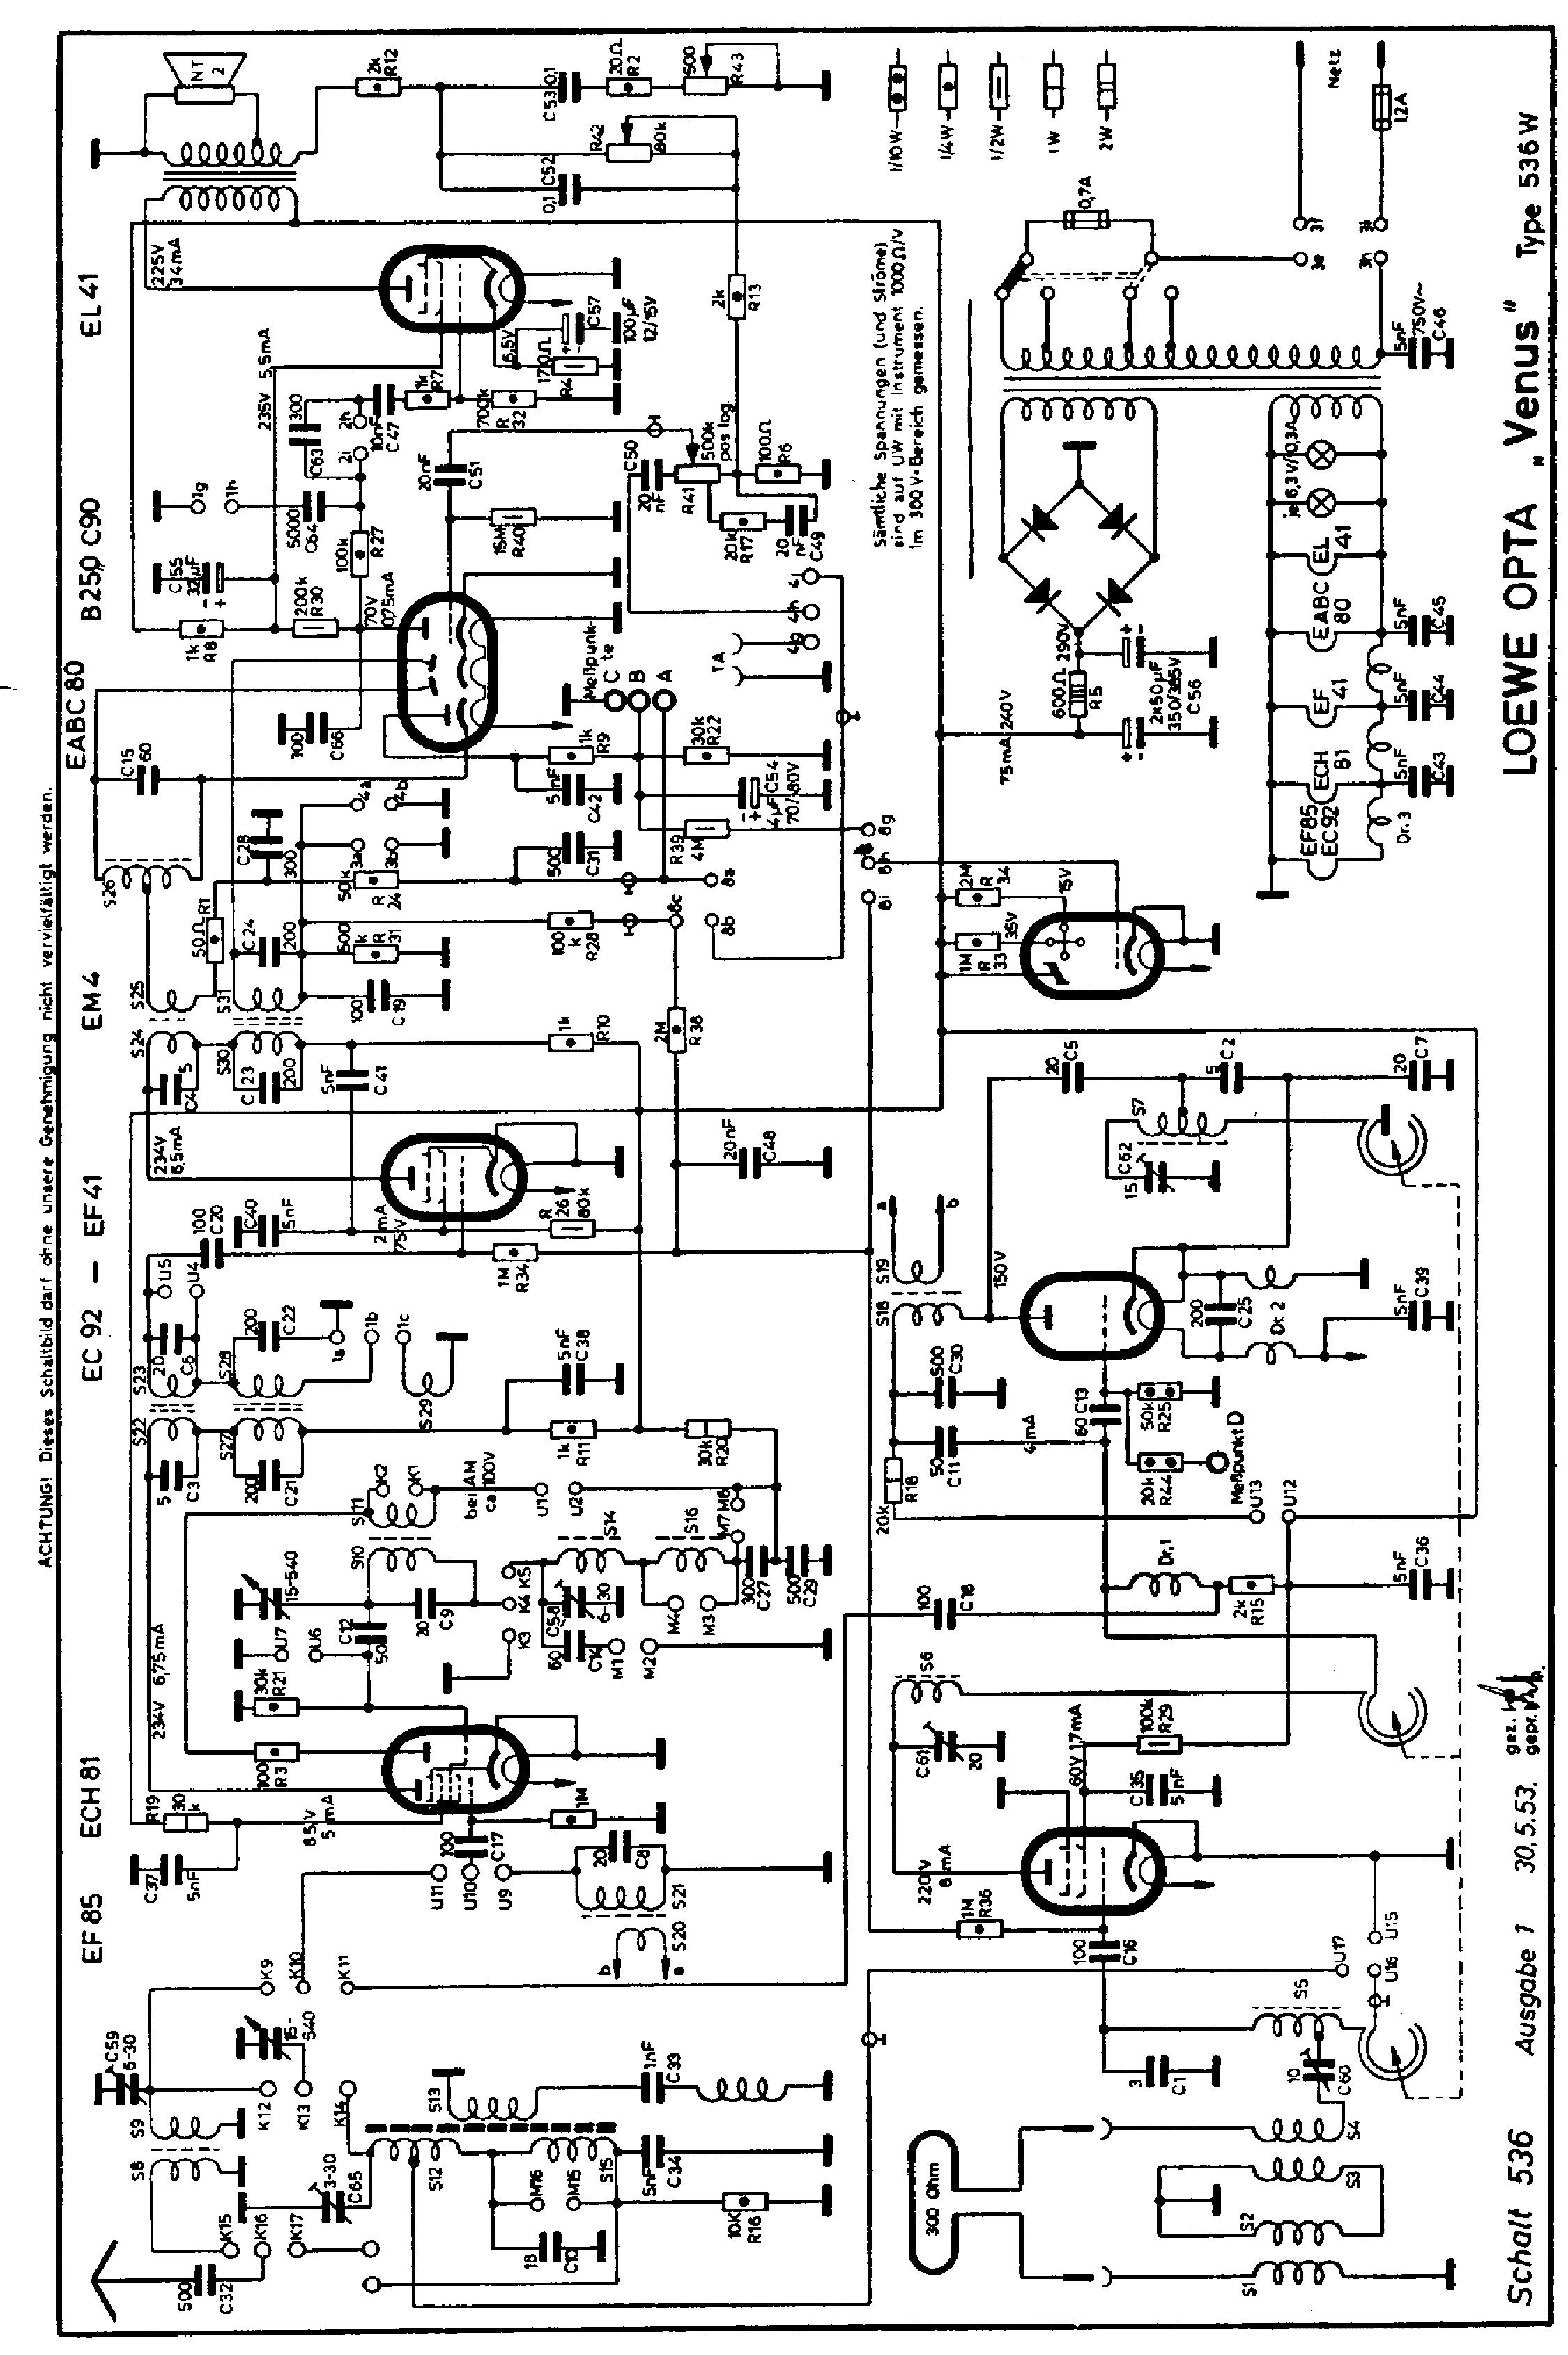 LOEWEOPTA 536W VENUS-A1 AM-FM RECEIVER SCH Service Manual